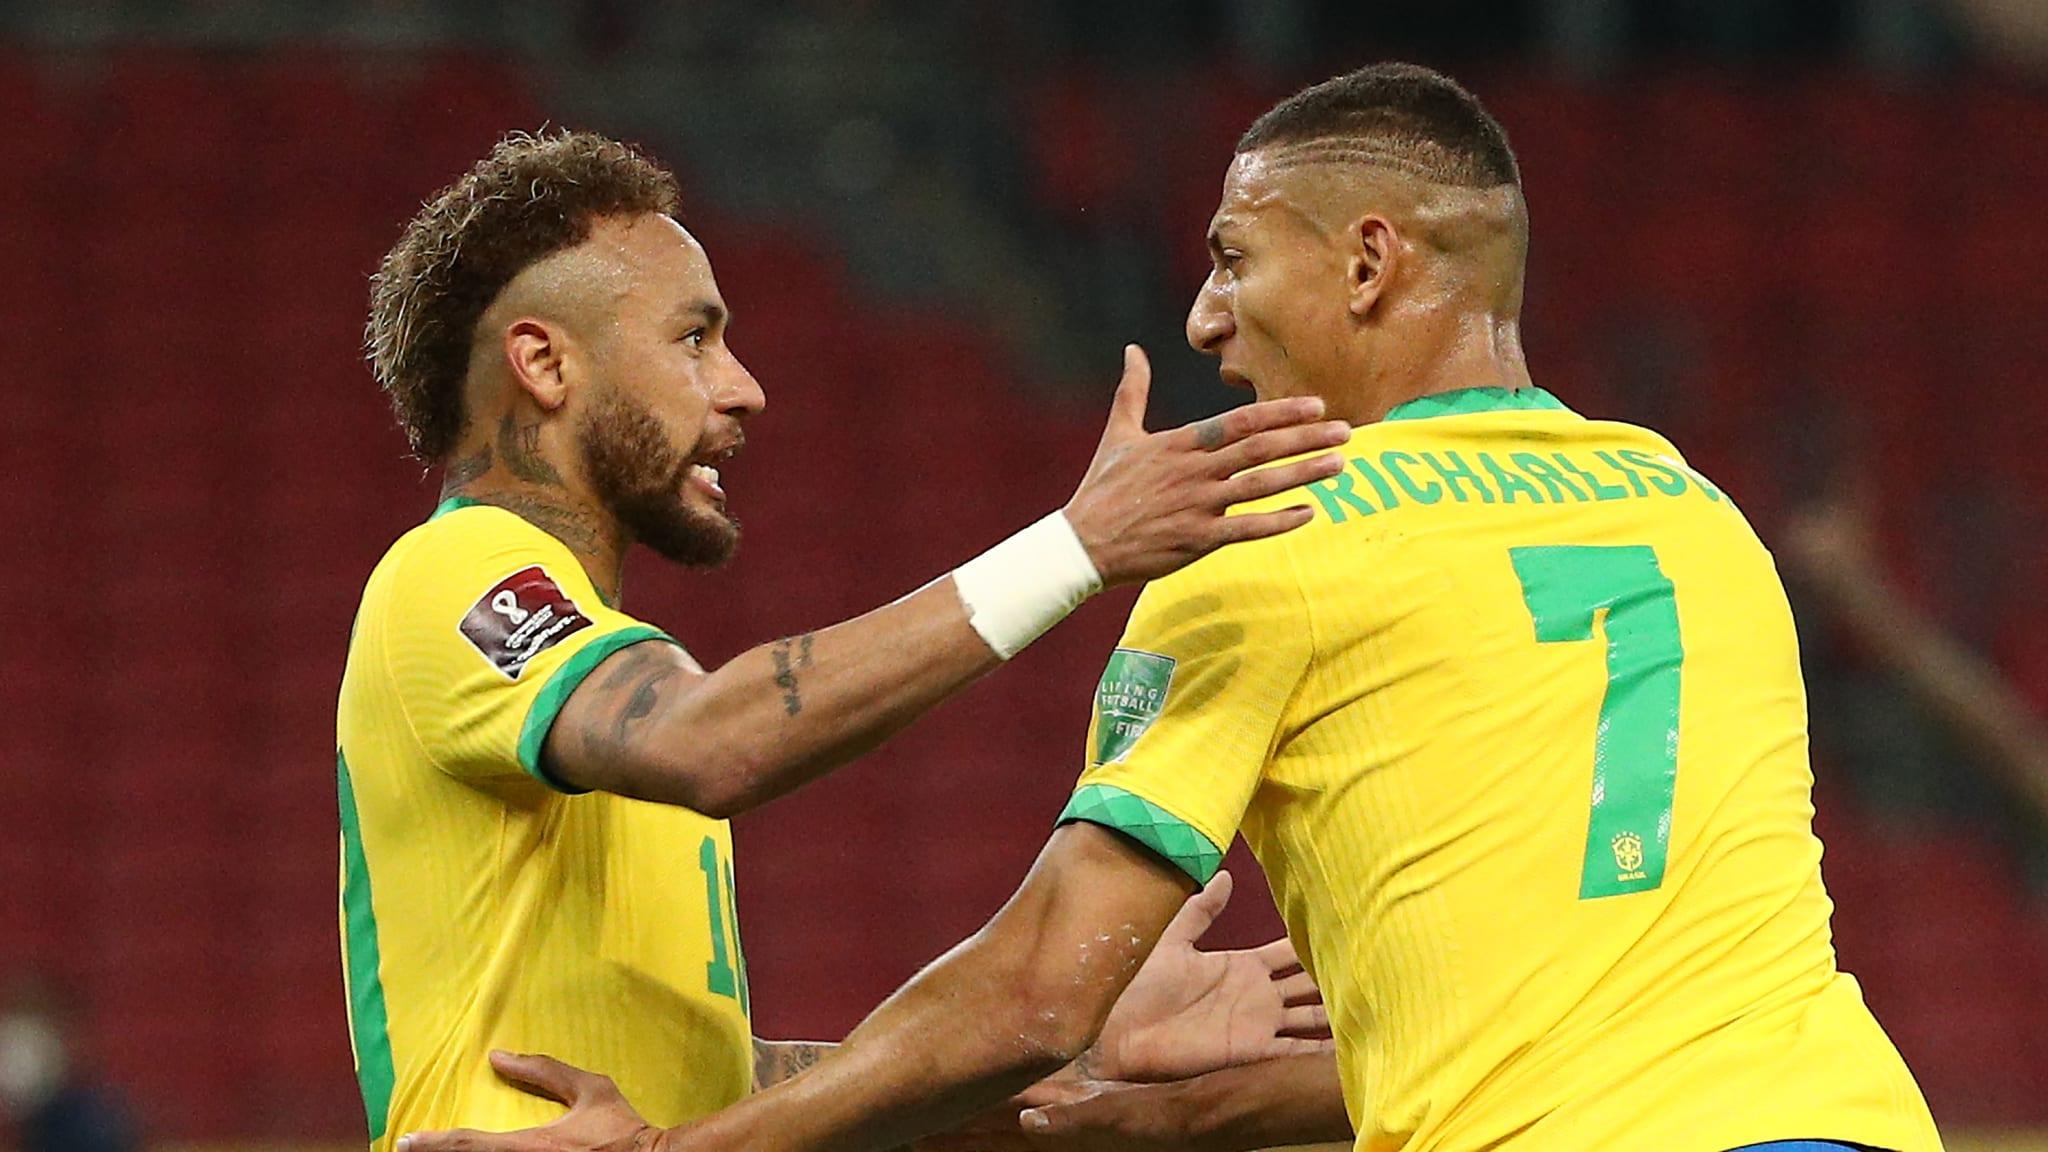 Victoire du Brésil contre l'Equateur 2-0